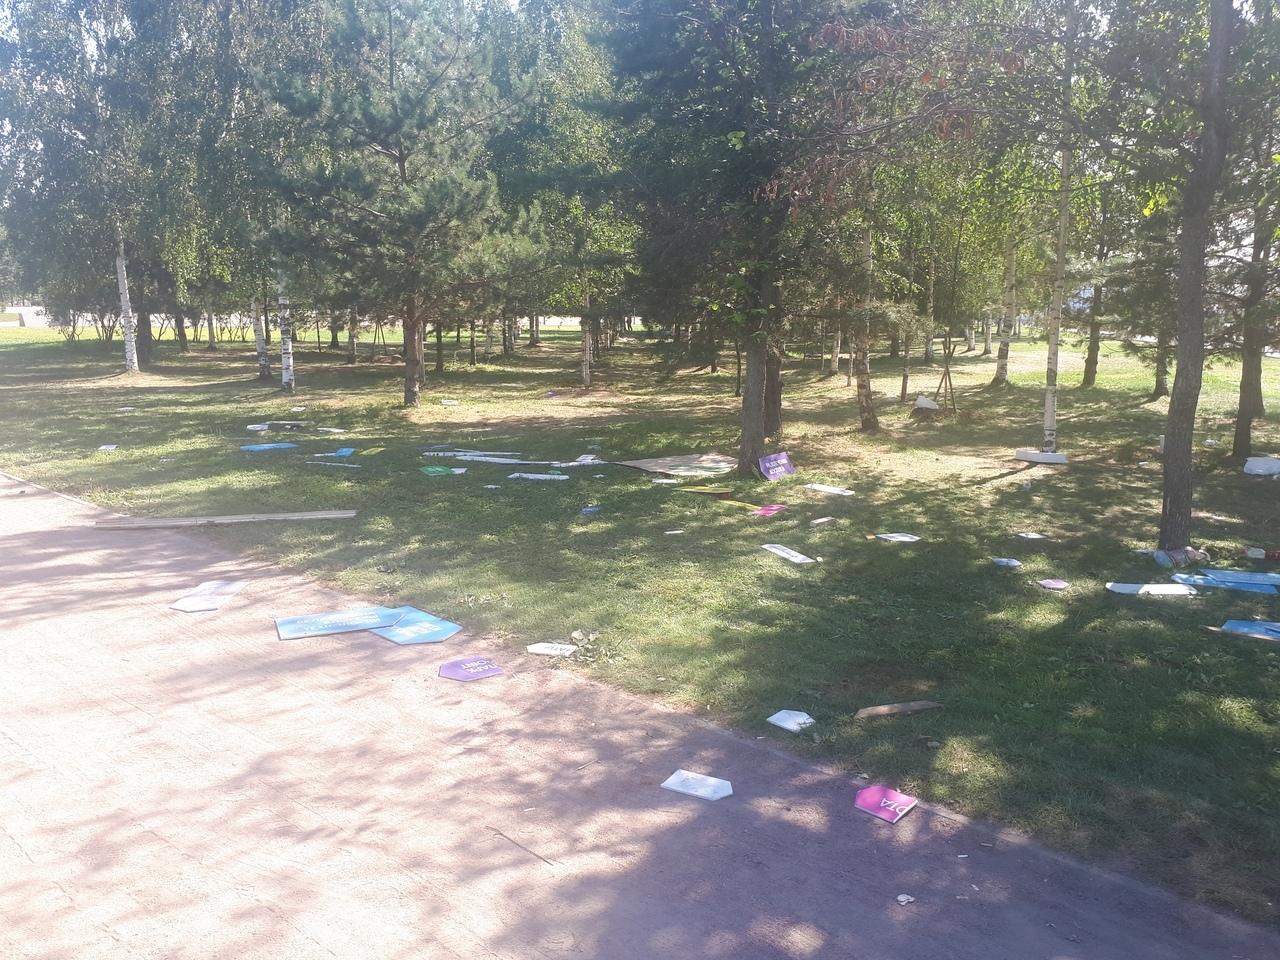 Местные жители пожаловались на мусор в парке 300-летия после VK Fest. Во «ВКонтакте» рассказали, что уберут парк до конца дня